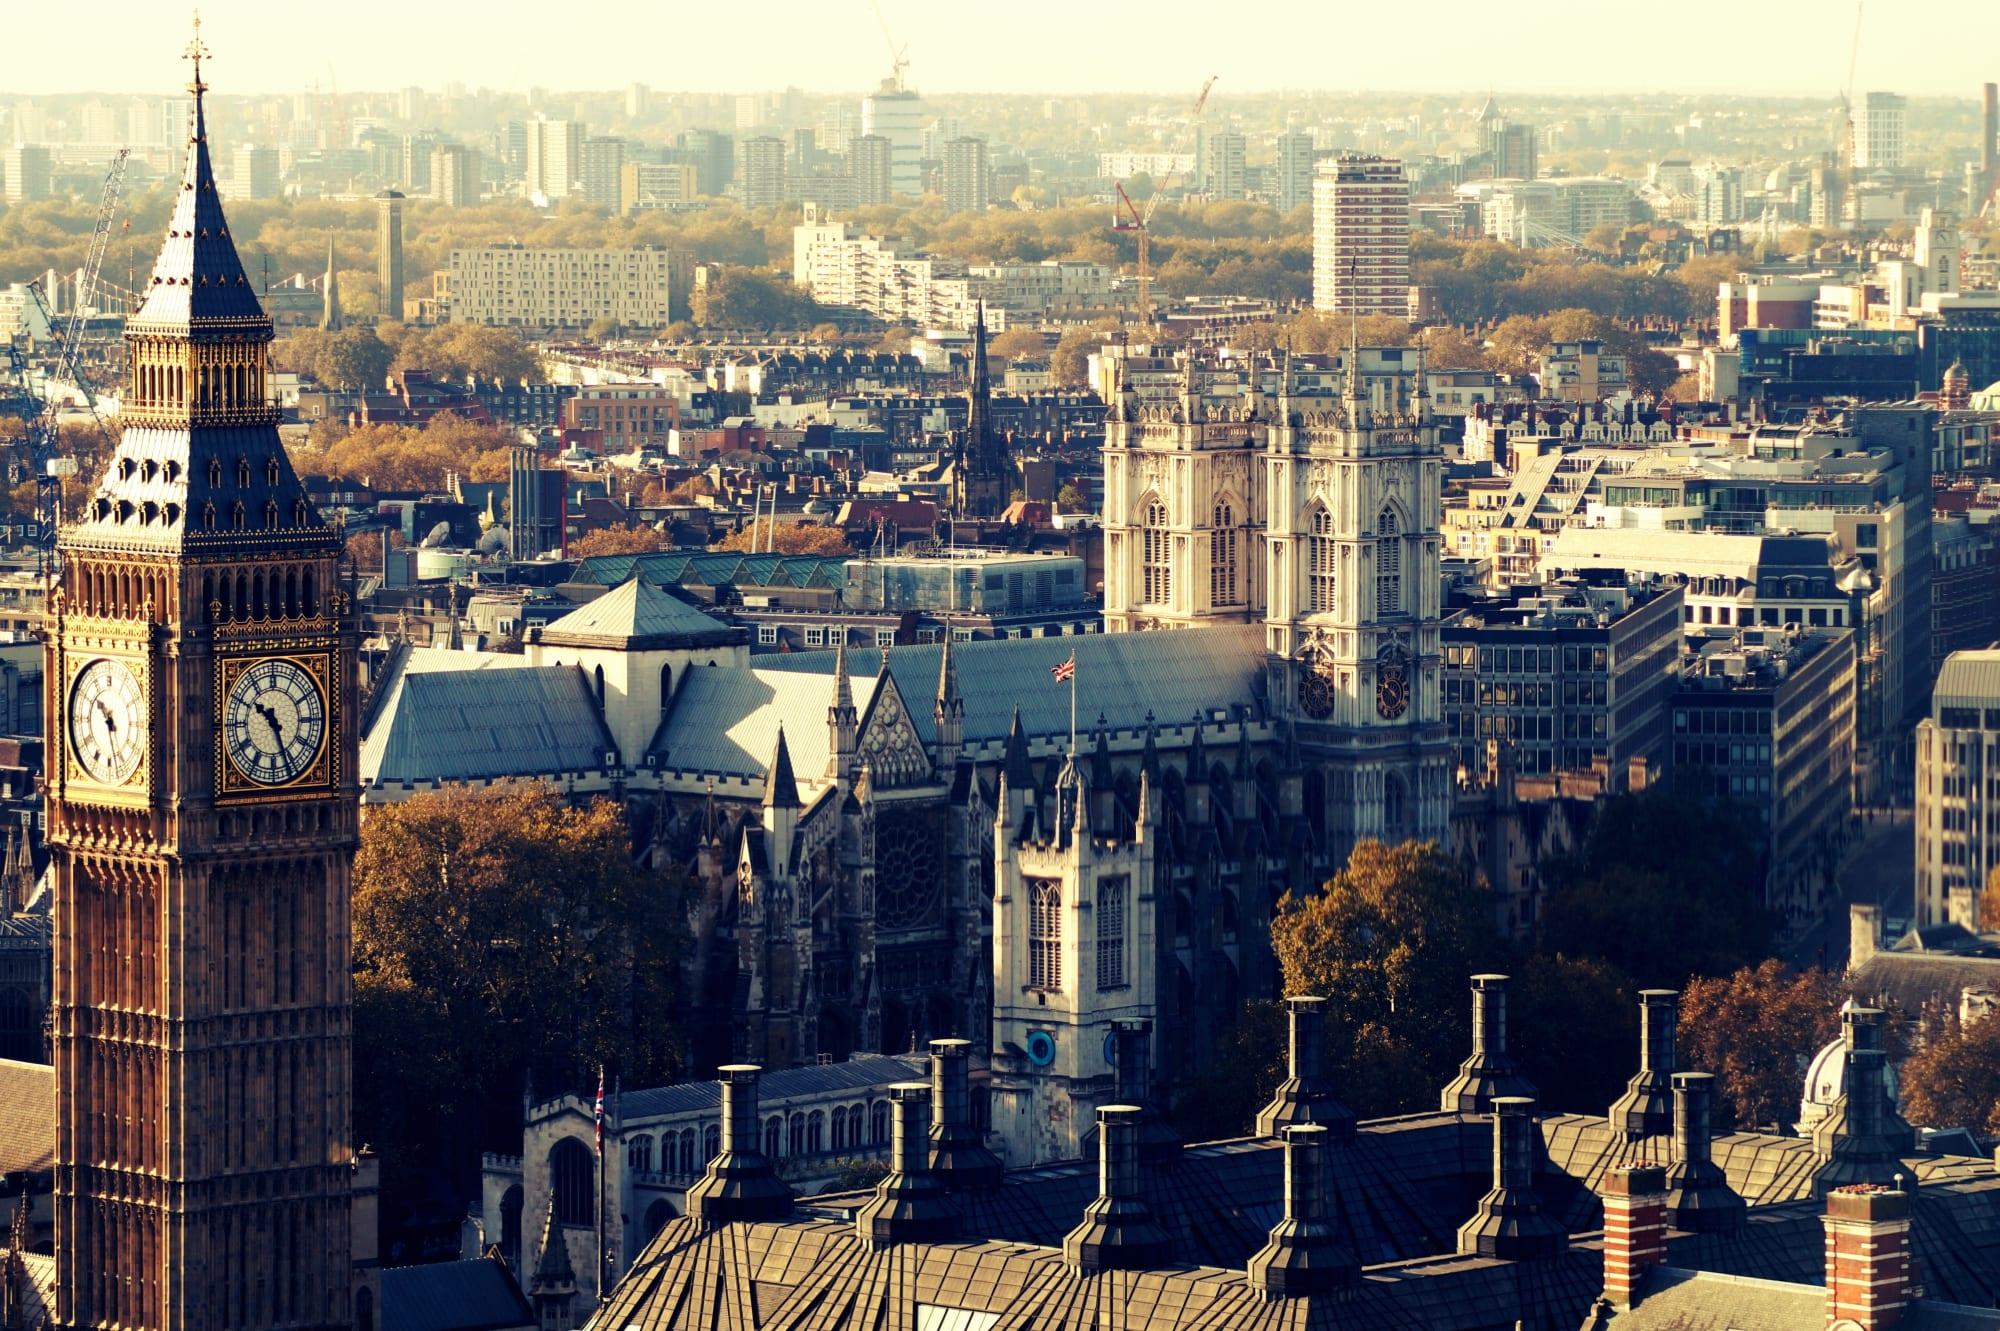 Der Blick vom London Eye auf den Big Ben und Westminster Abbey